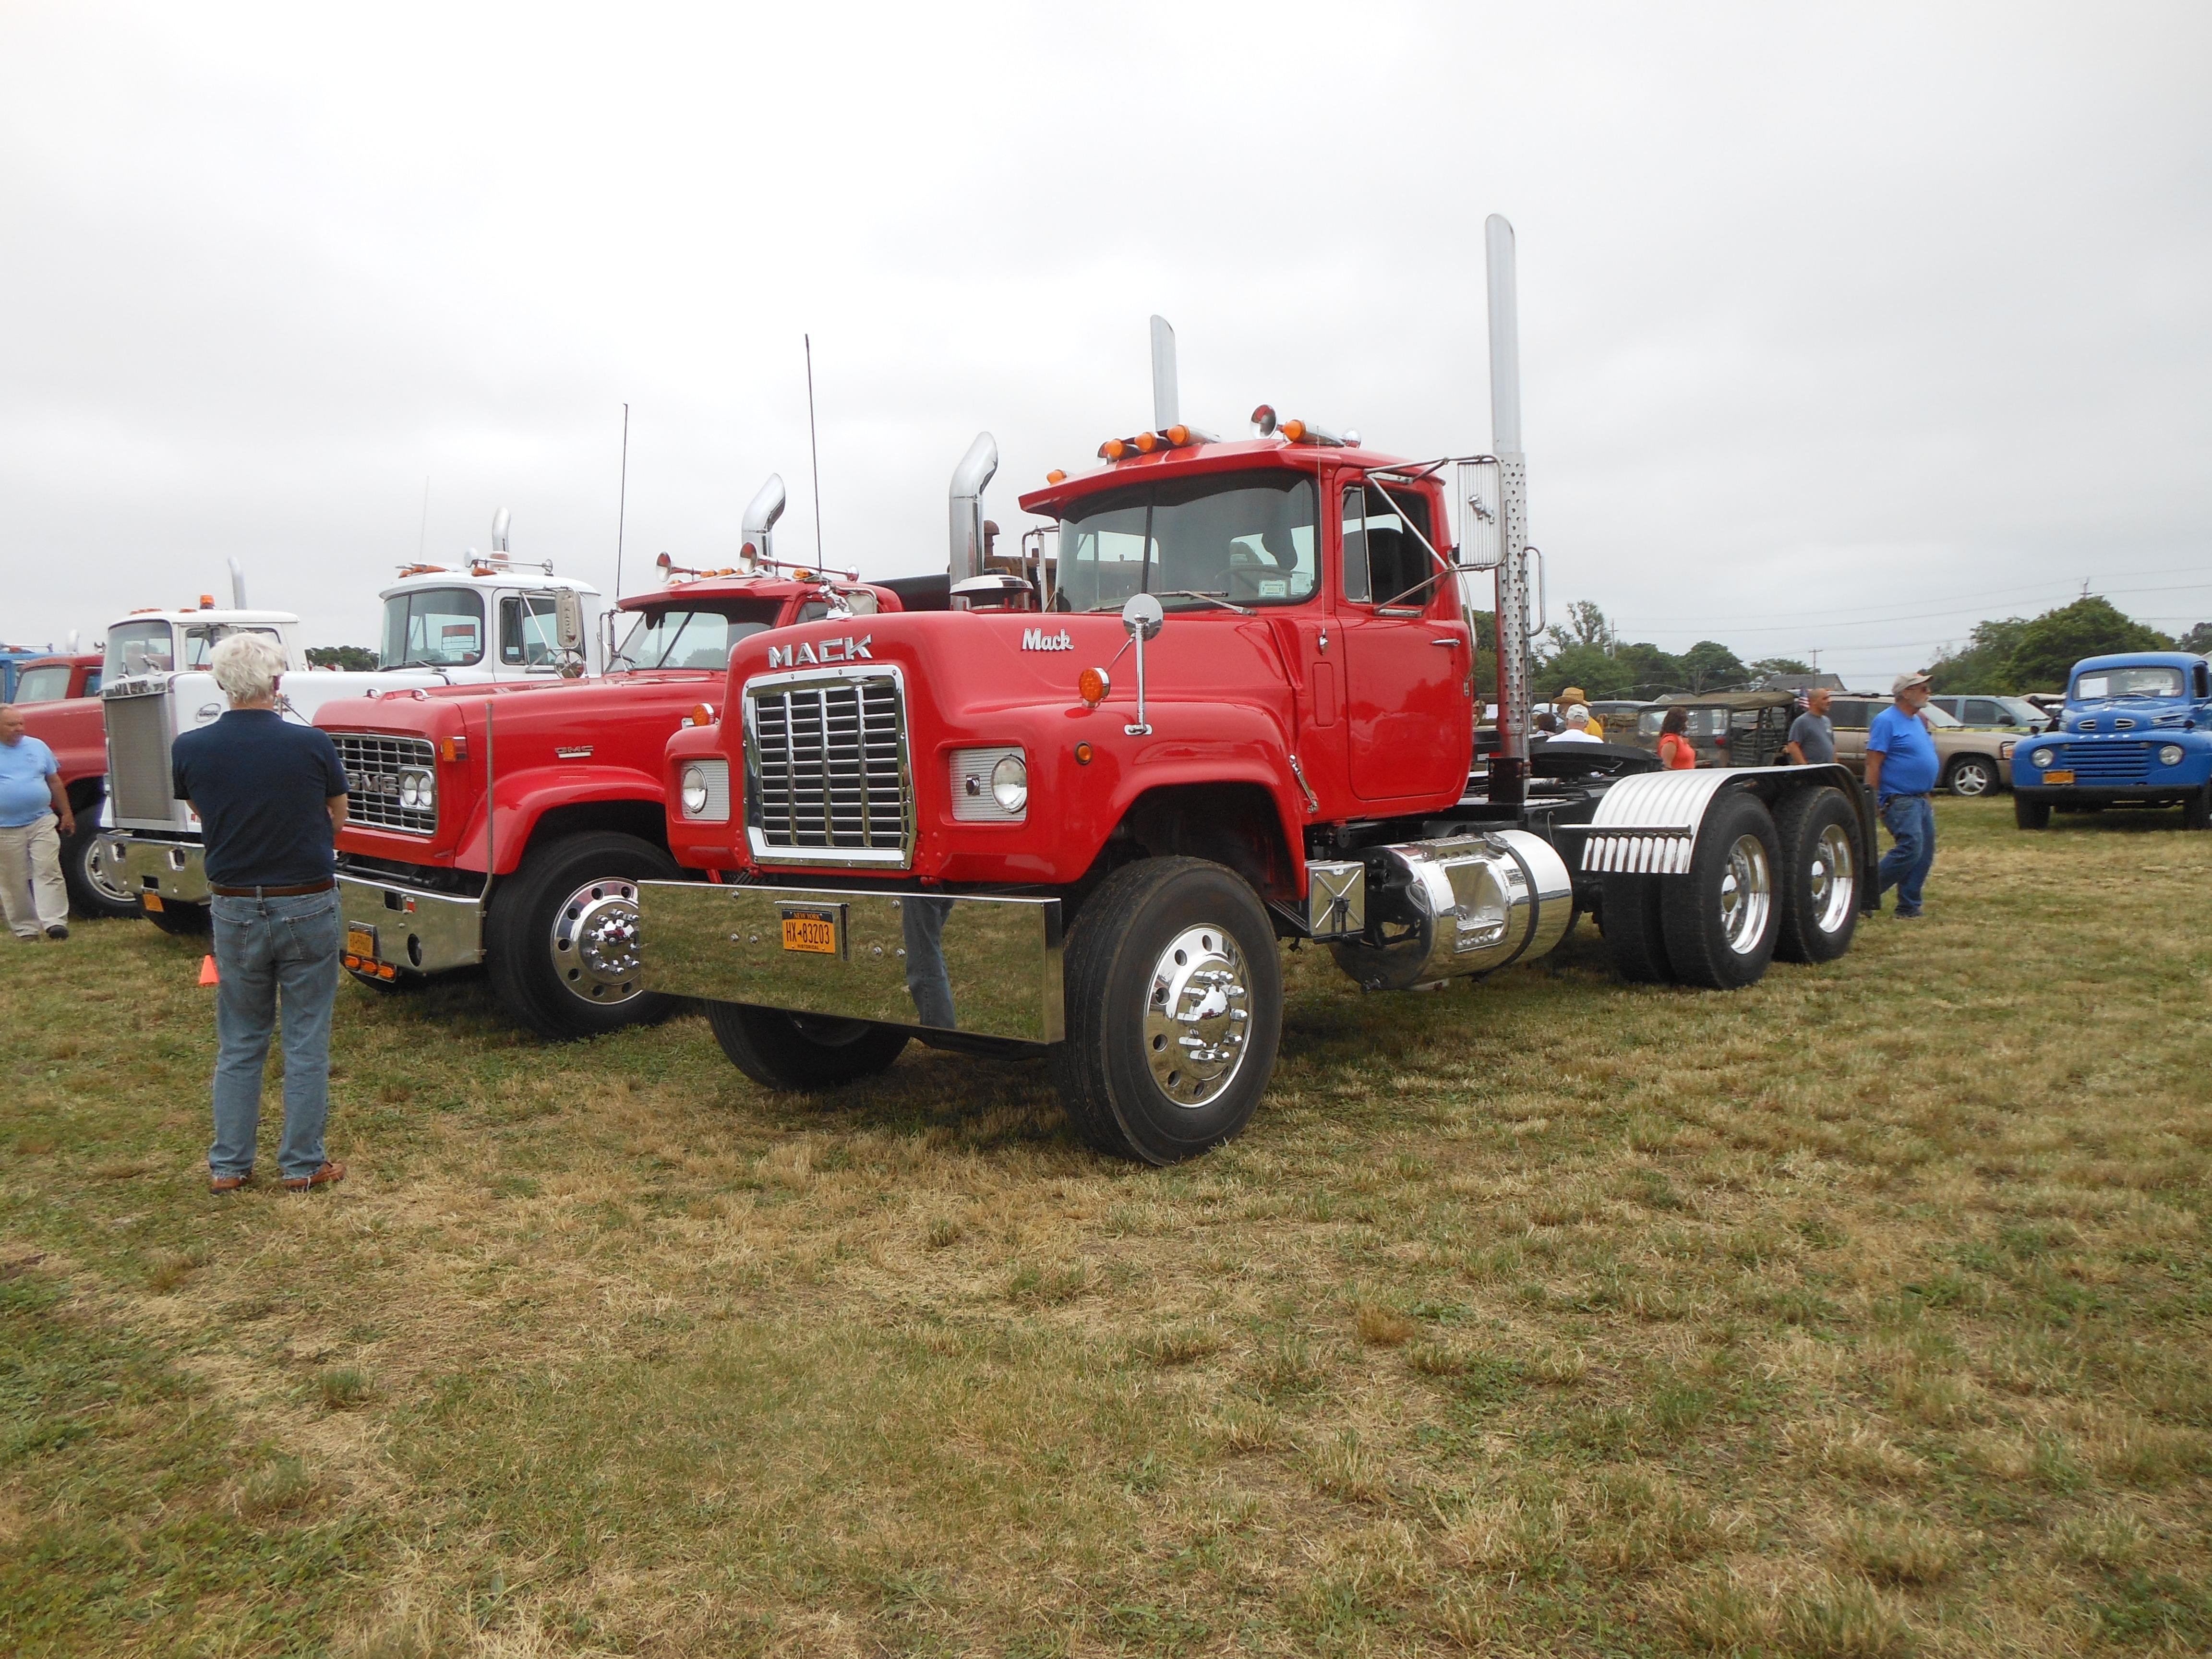 Mack Trucks For Sale >> R700 Mack Trucks For Sale Bigmacktrucks Com